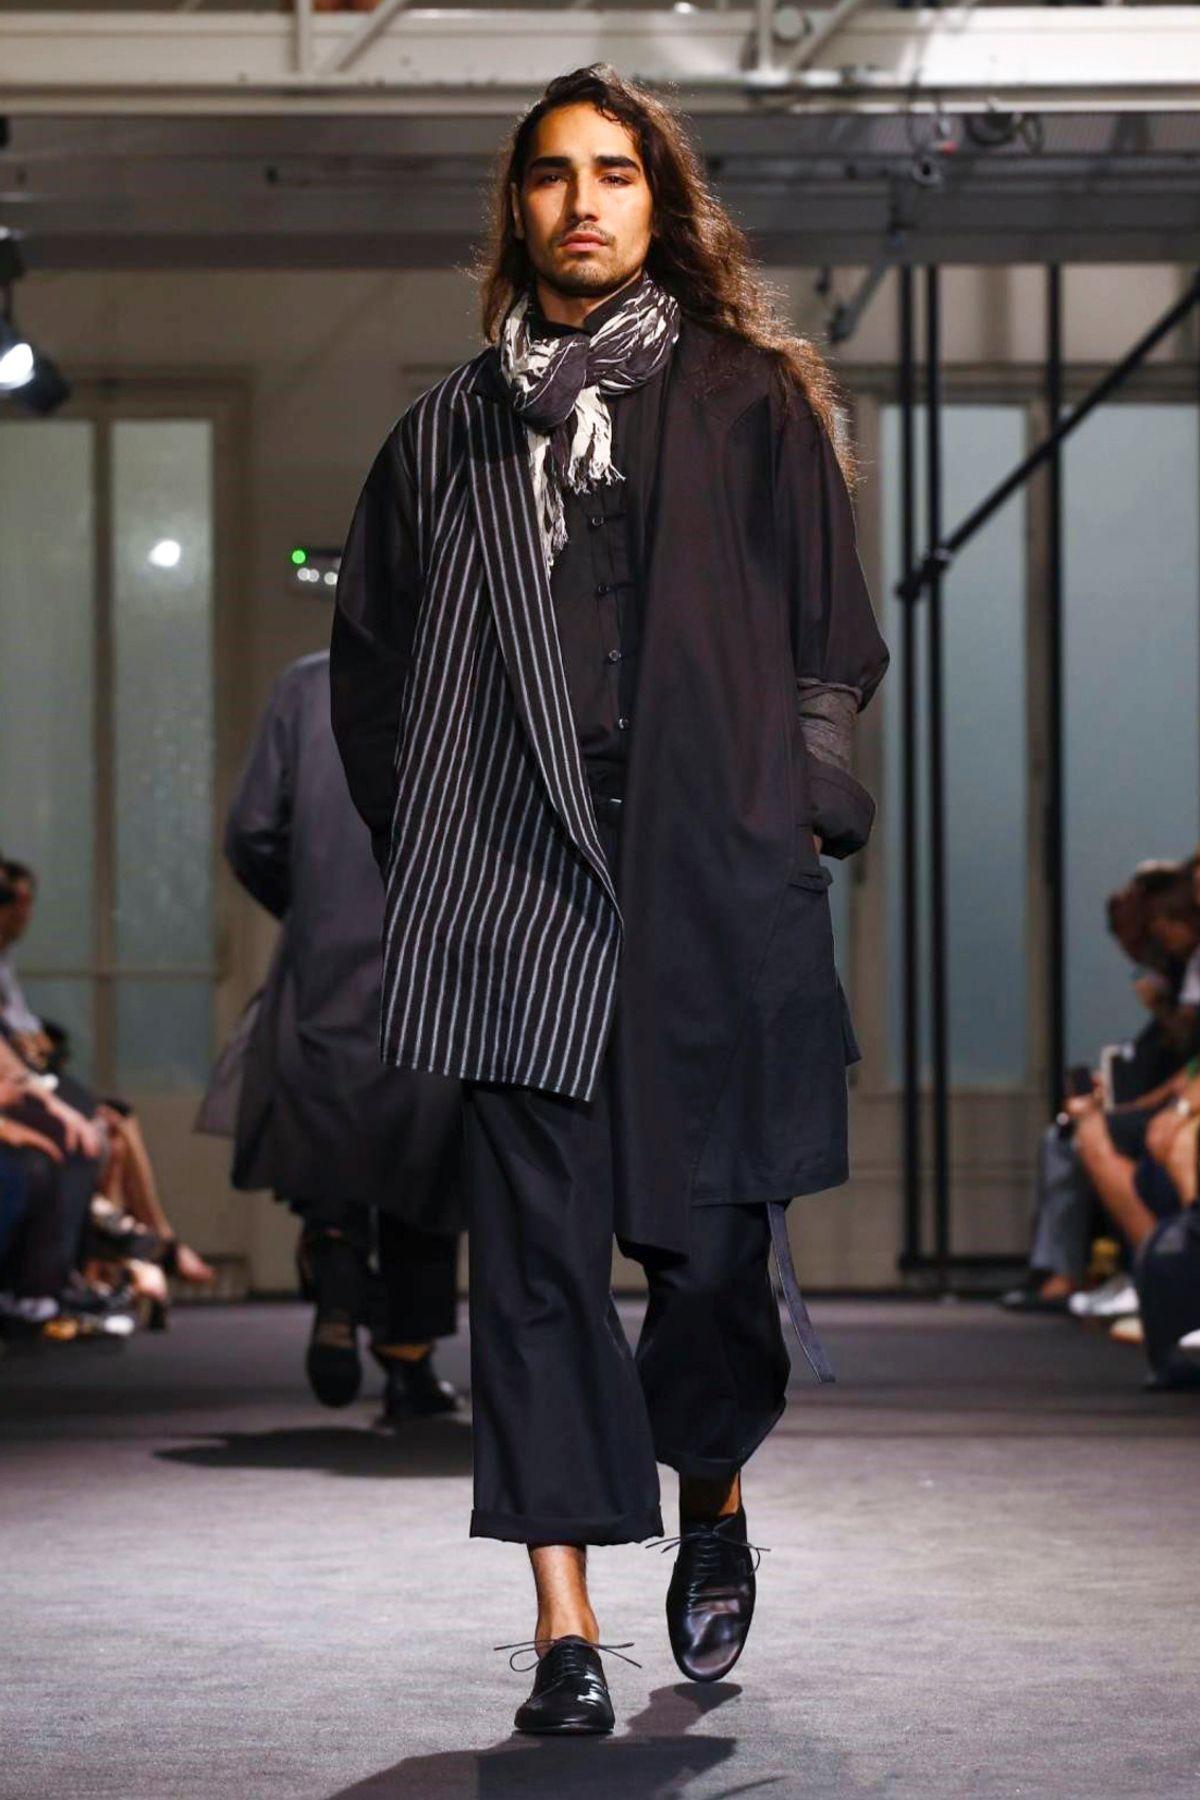 người mẫu willy cartier trong buổi diễn Xuân - Hè 2017 của Yohji Yamamoto